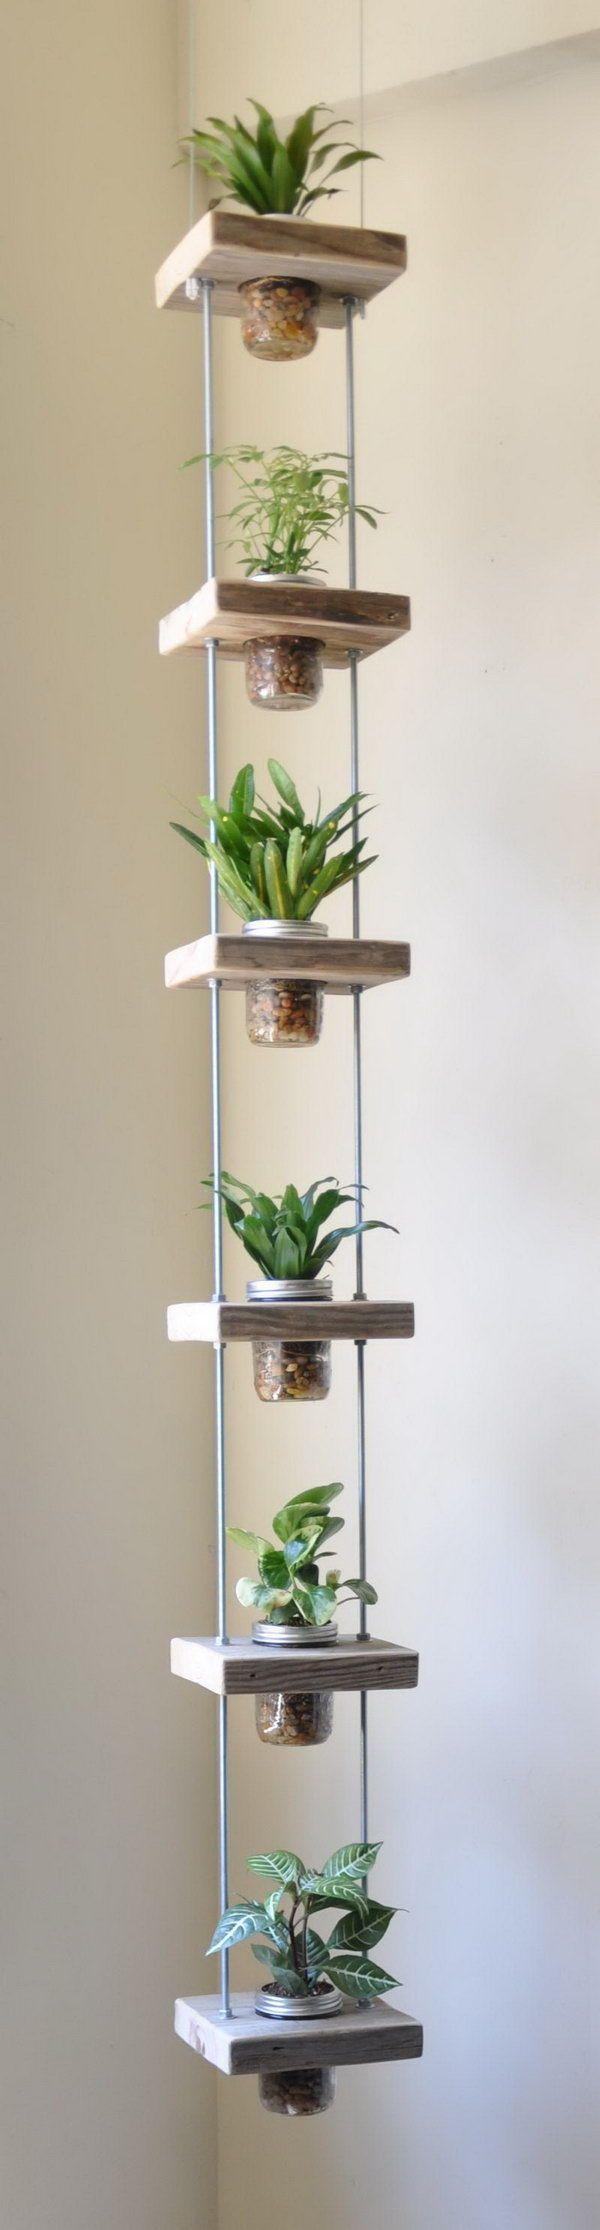 plantas colgantes                                                                                                                                                      Más